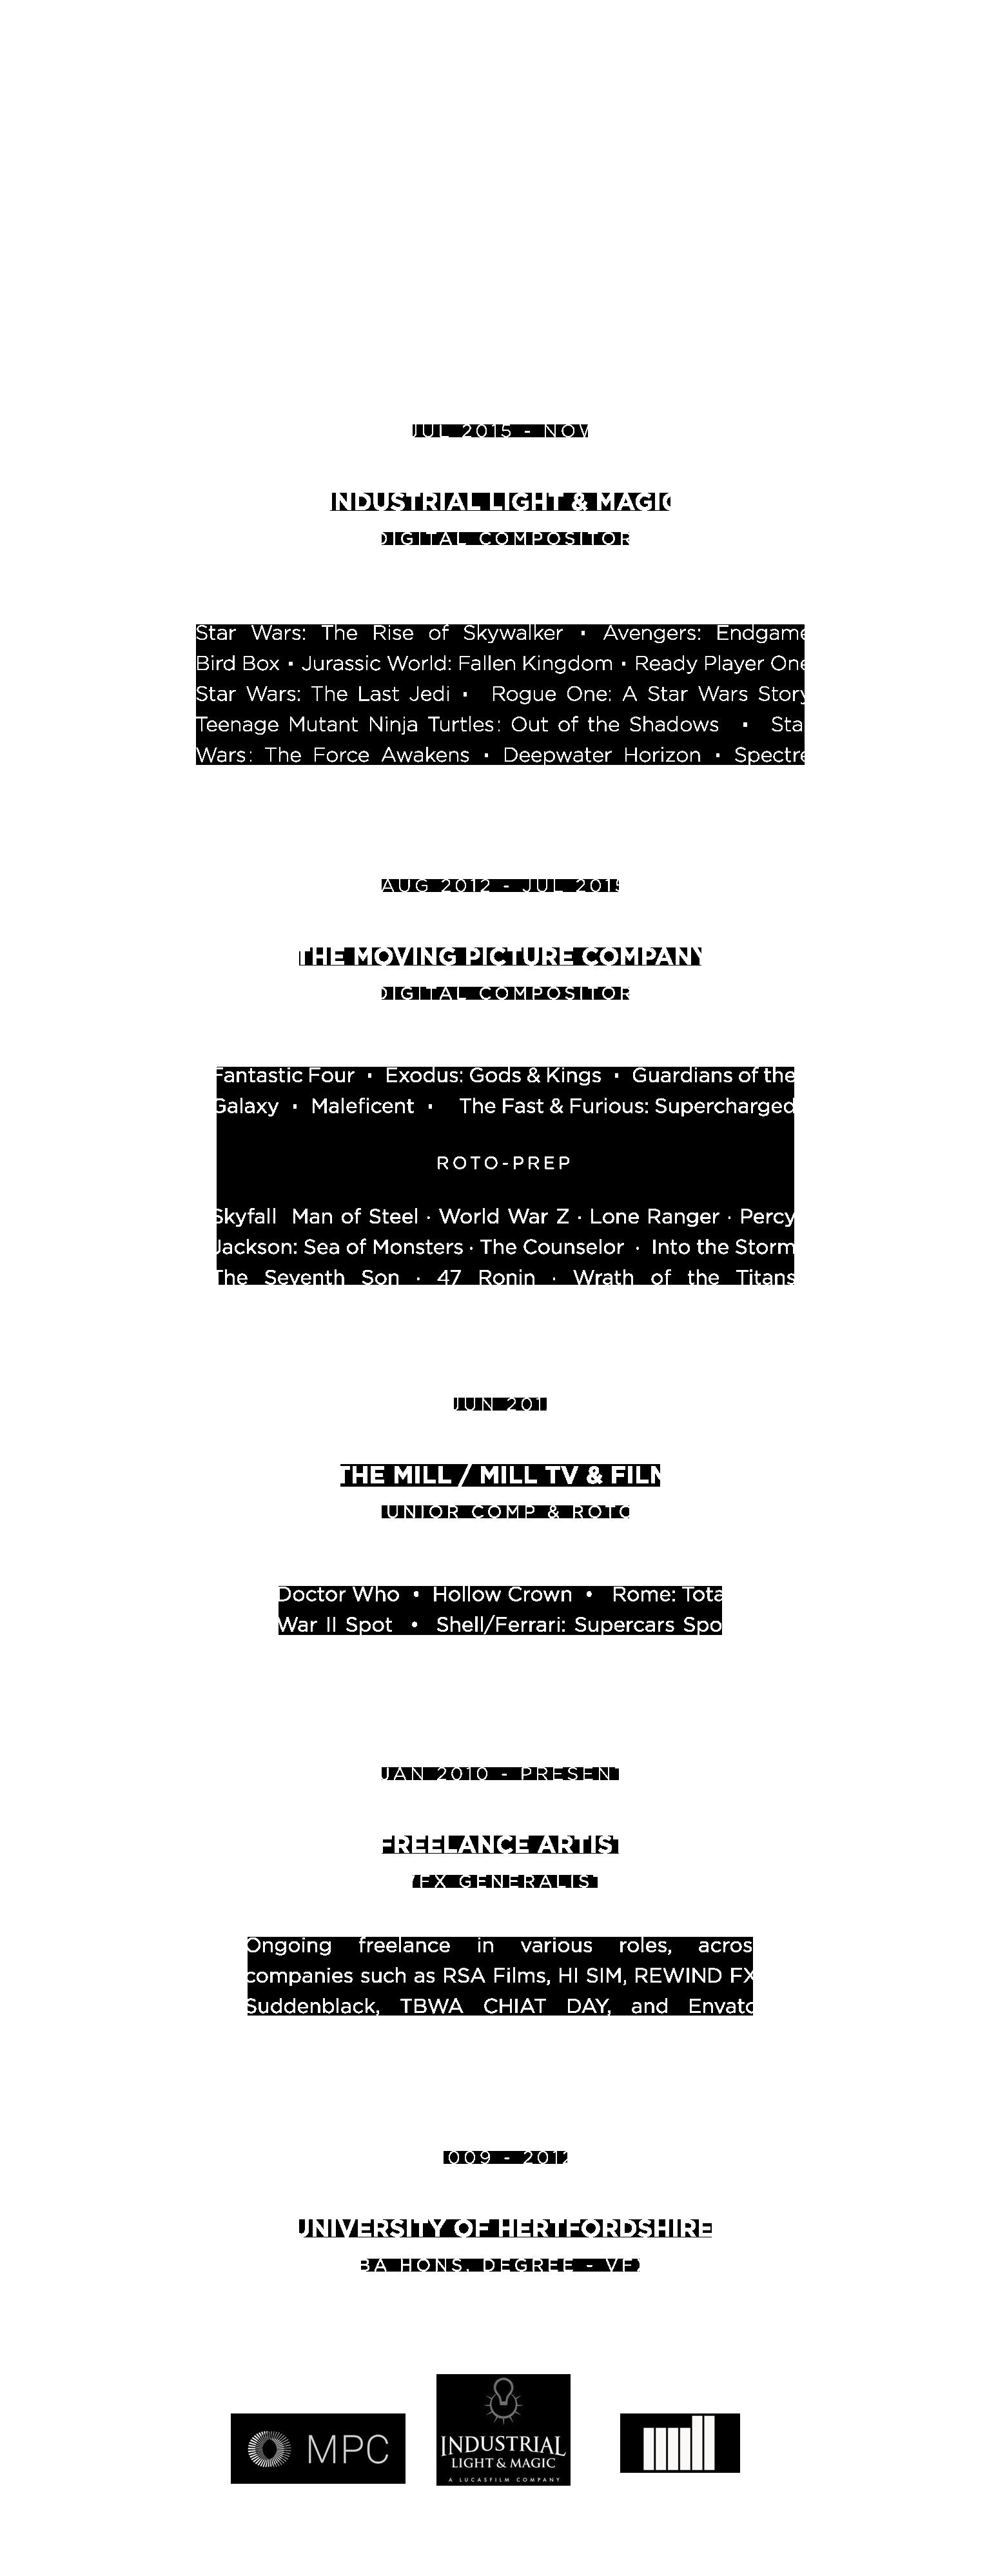 CV_timeline5